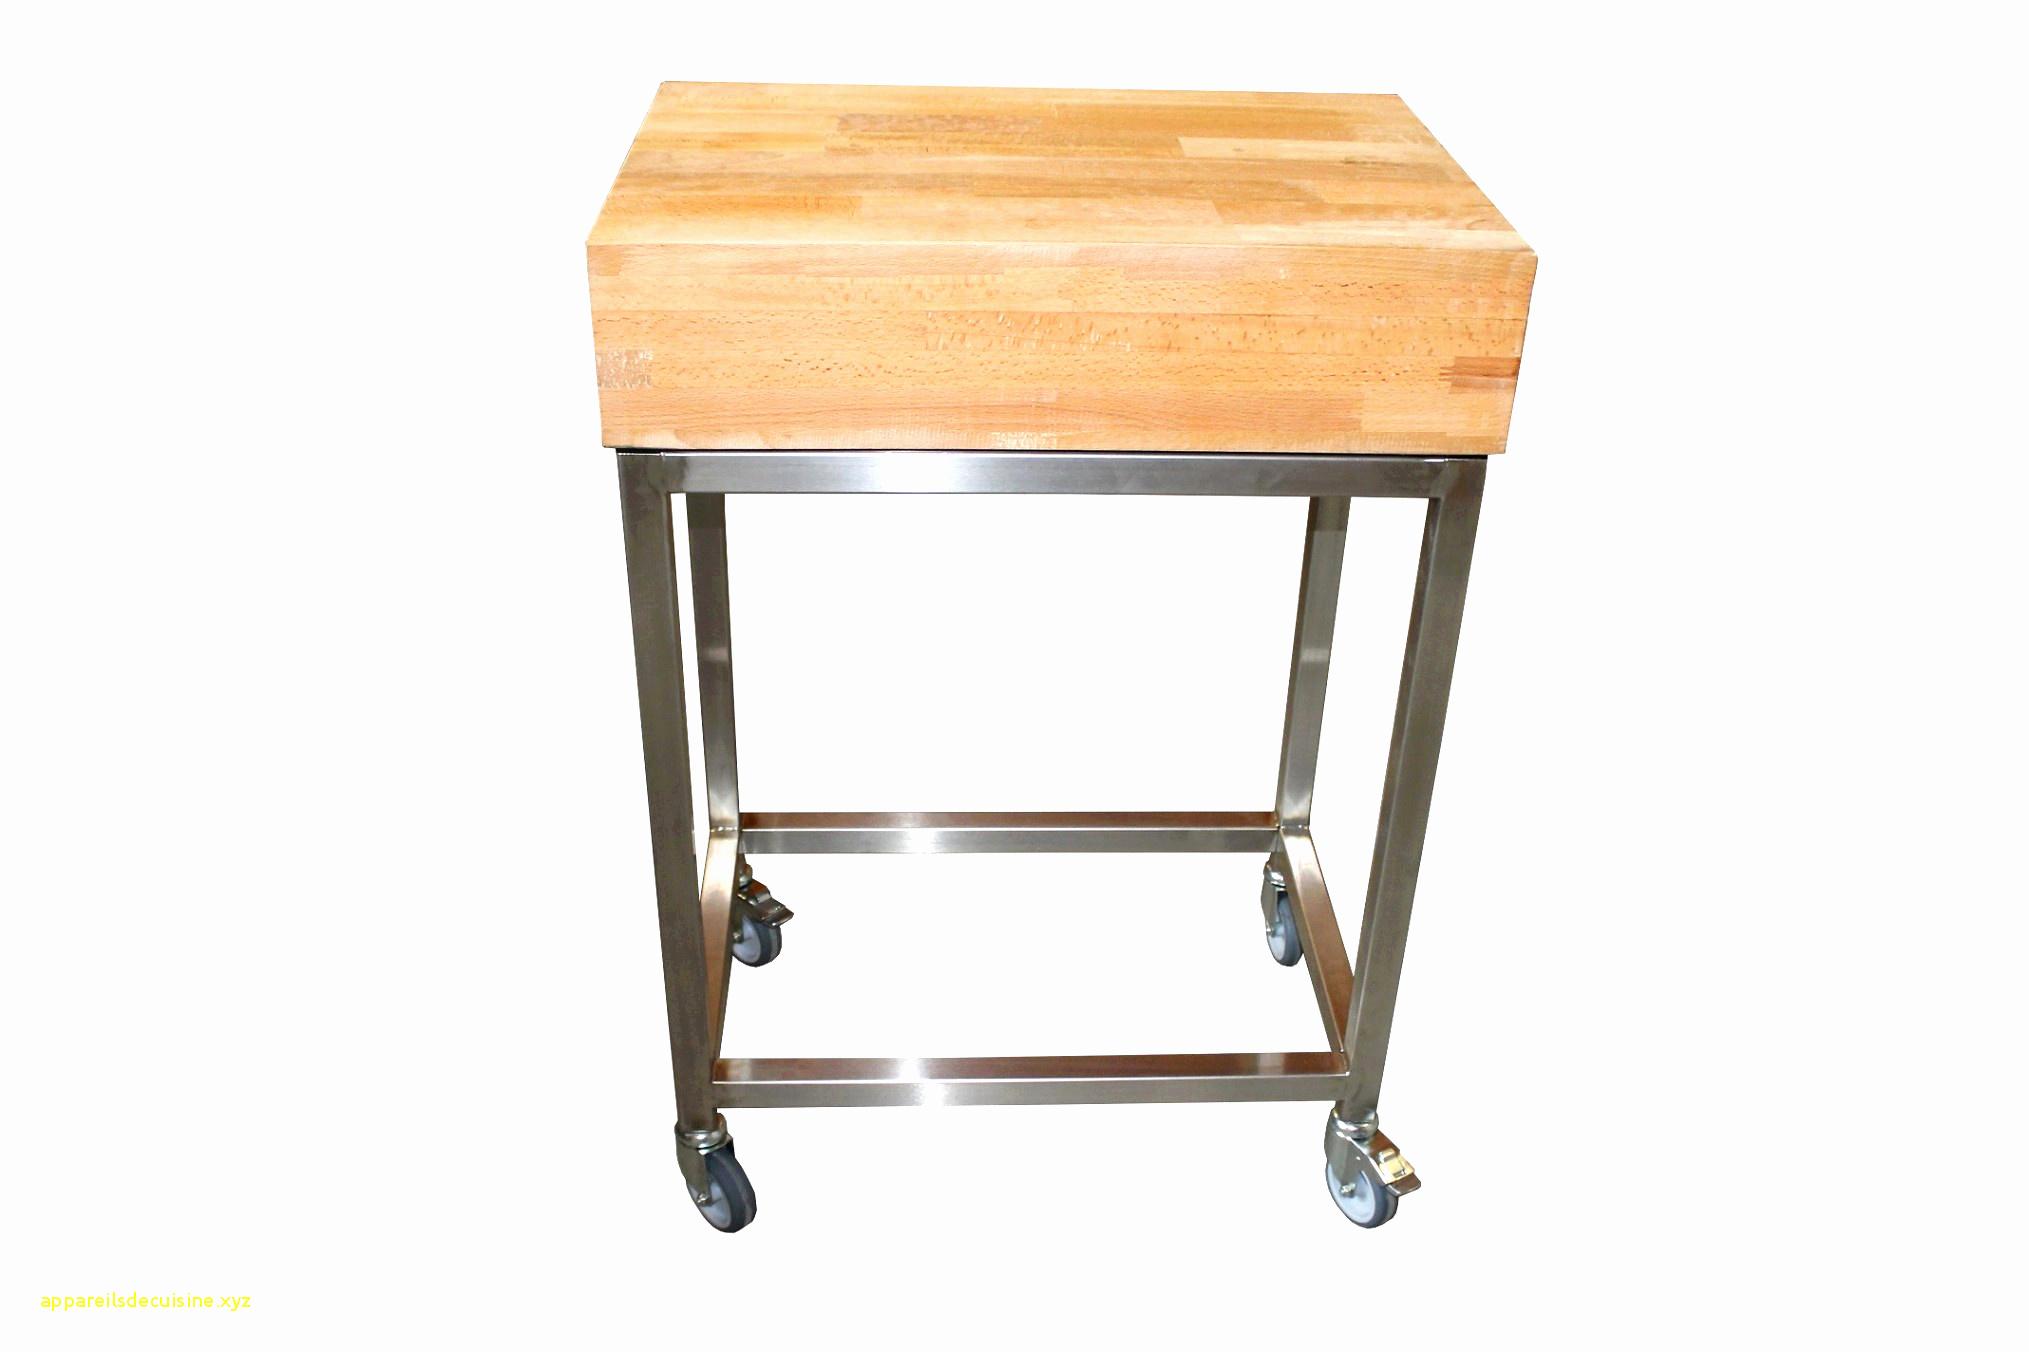 table basse gigogne industrielle charmant frais chaise metal noir frais fauteuil chaise fauteuil industriel 0d of table basse gigogne industrielle